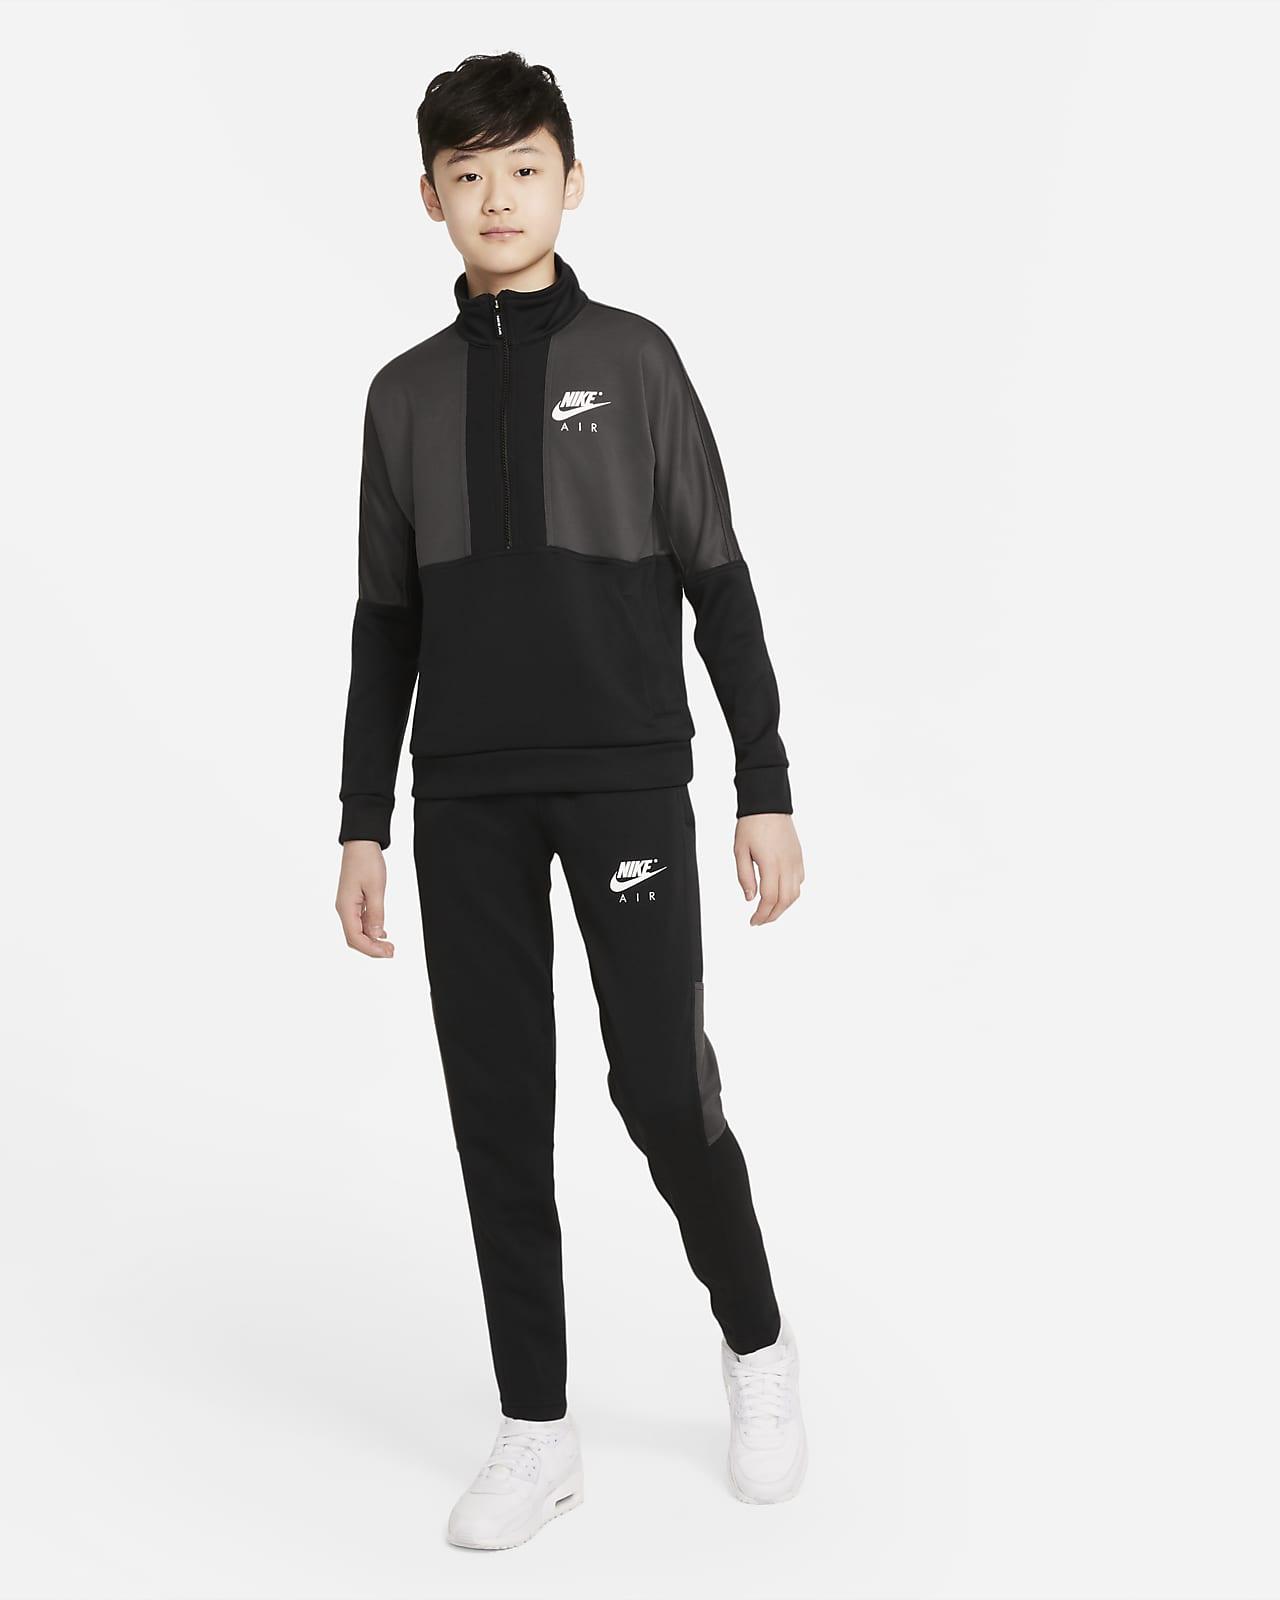 Fato de treino Nike Air Júnior